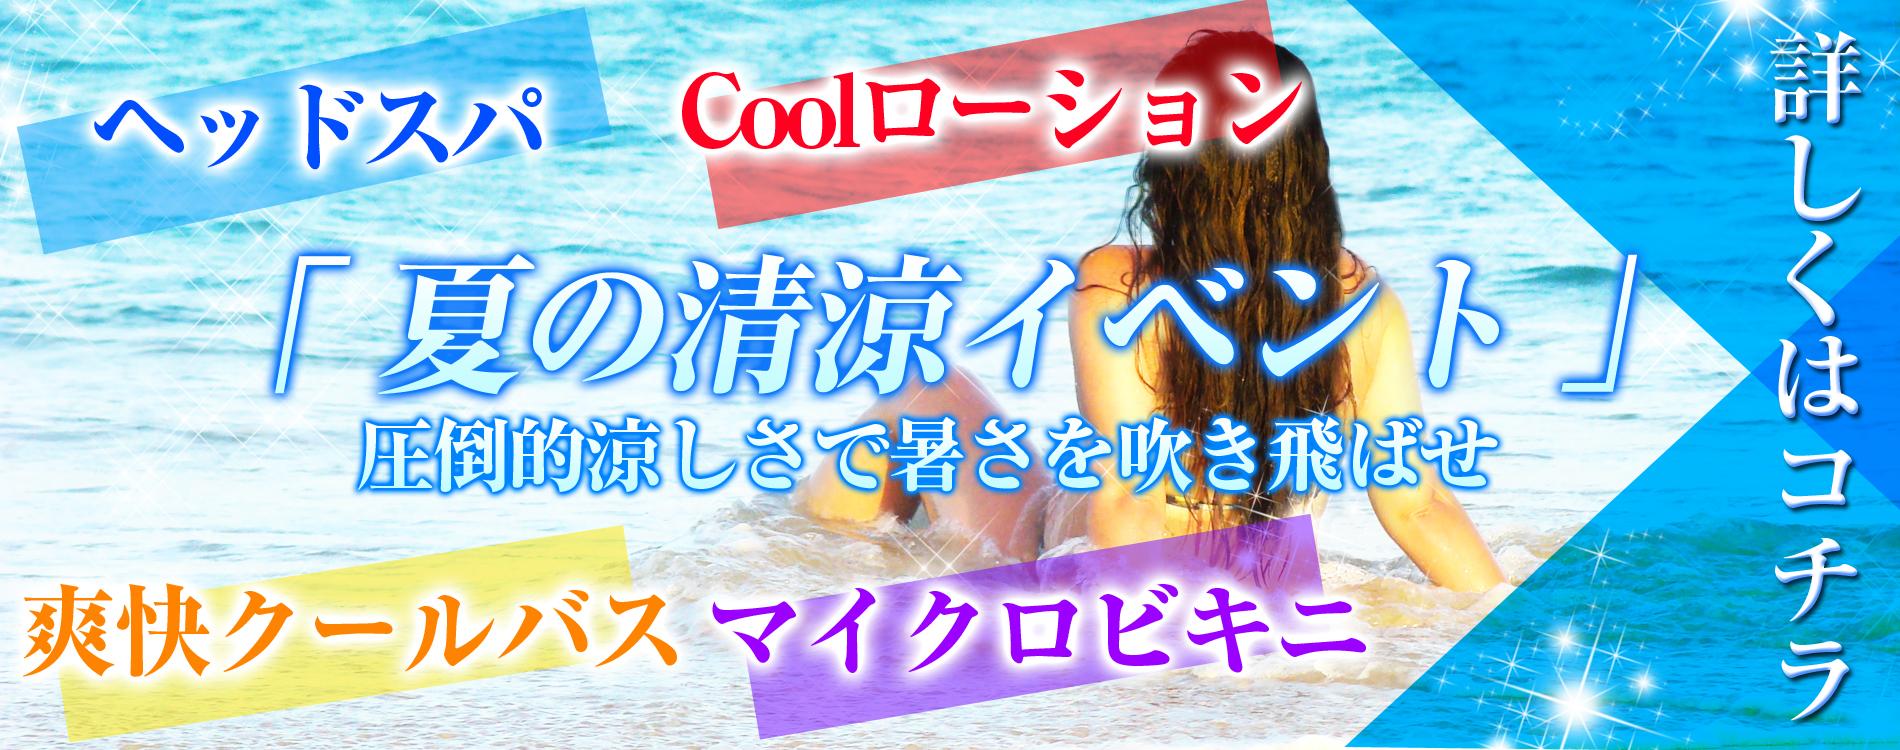 夏の清涼イベント